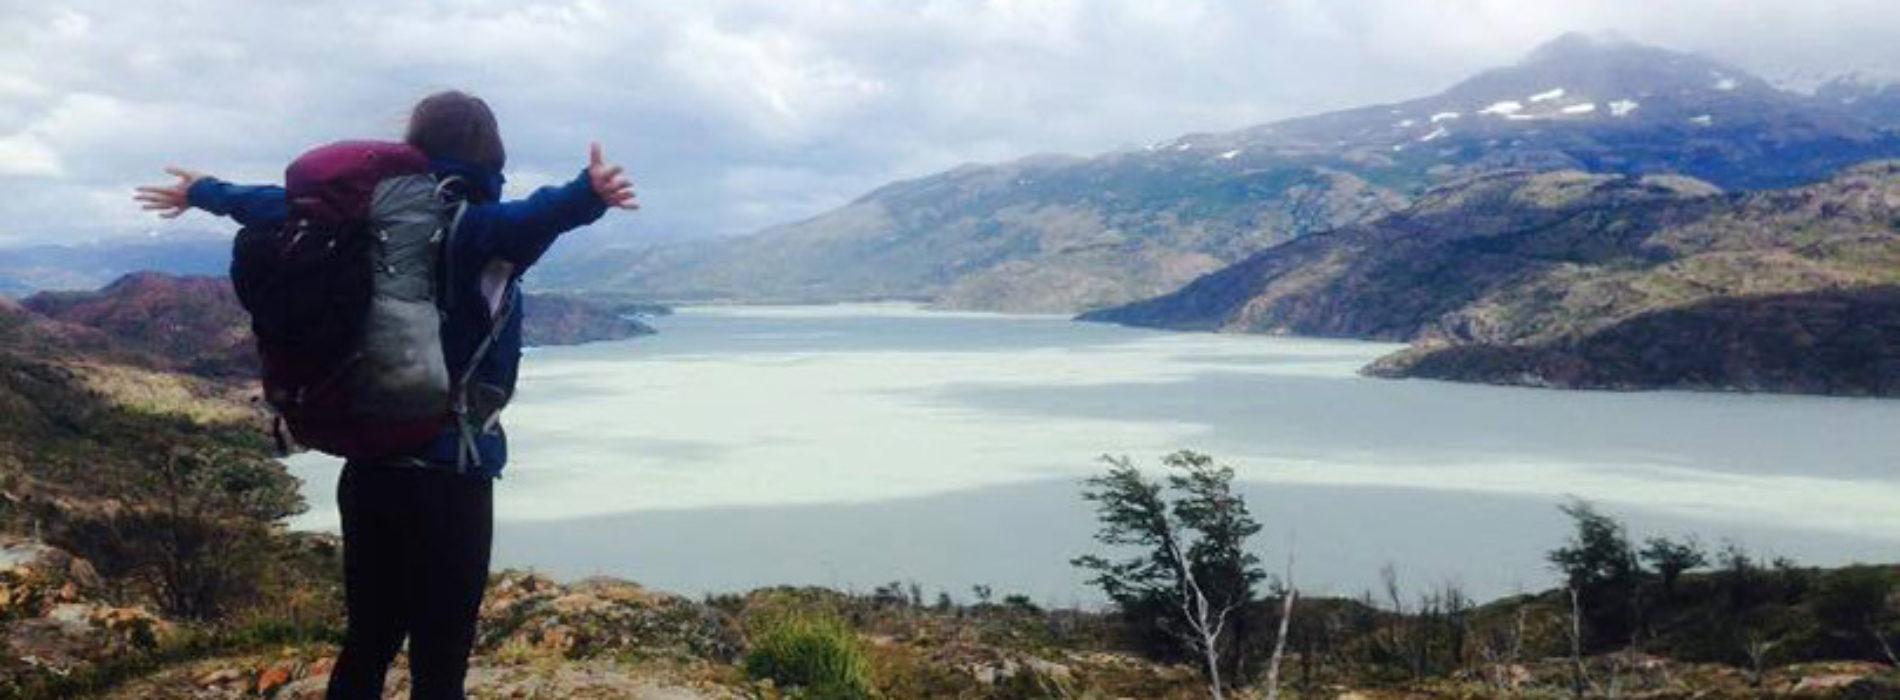 Fais-le par toi-même : 5 jours de trek solo en Patagonie